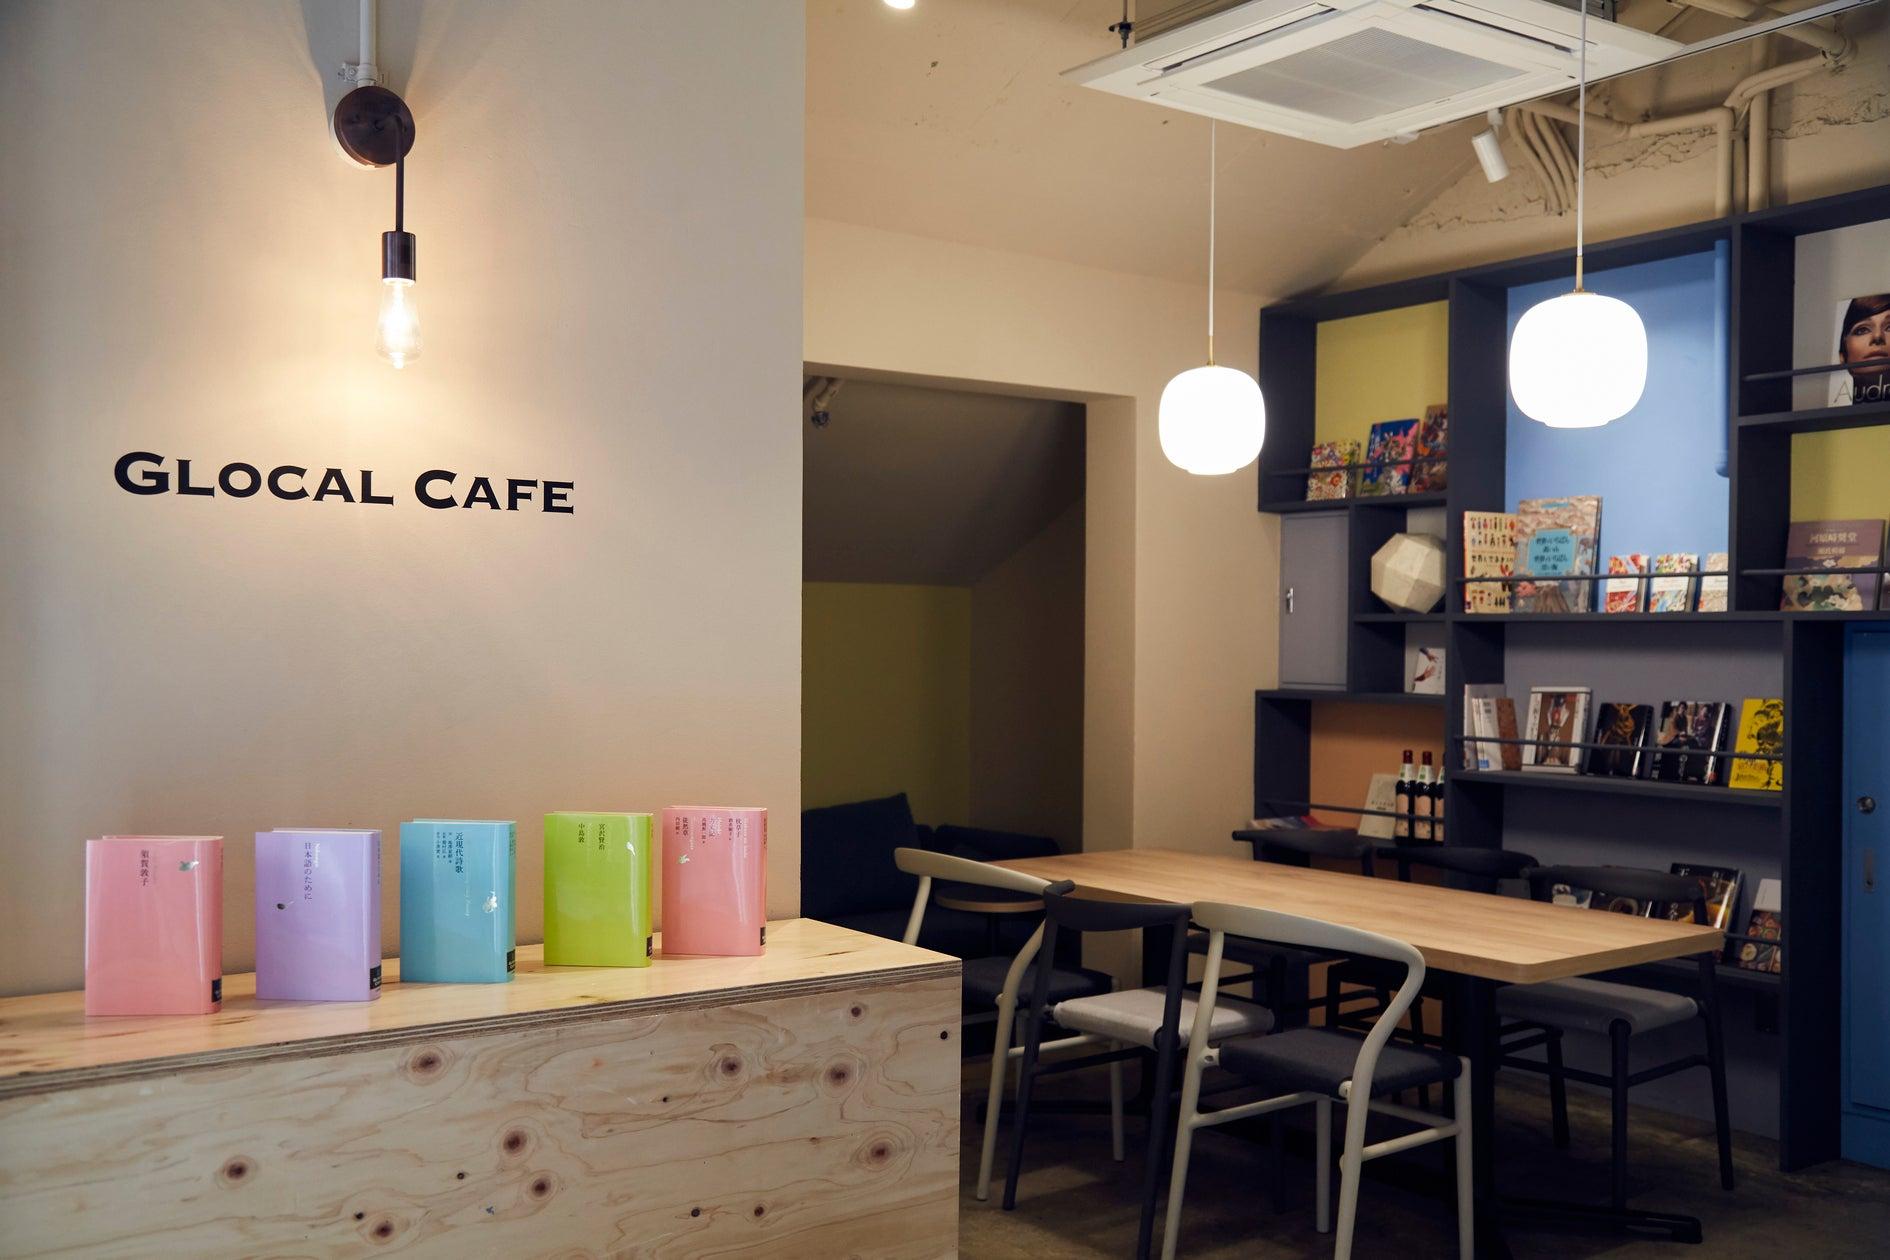 【サンシャインシティ1階入口!】カフェのオシャレなはなれ個室(【サンシャインシティ1階入口!】カフェのオシャレなはなれ個室) の写真0